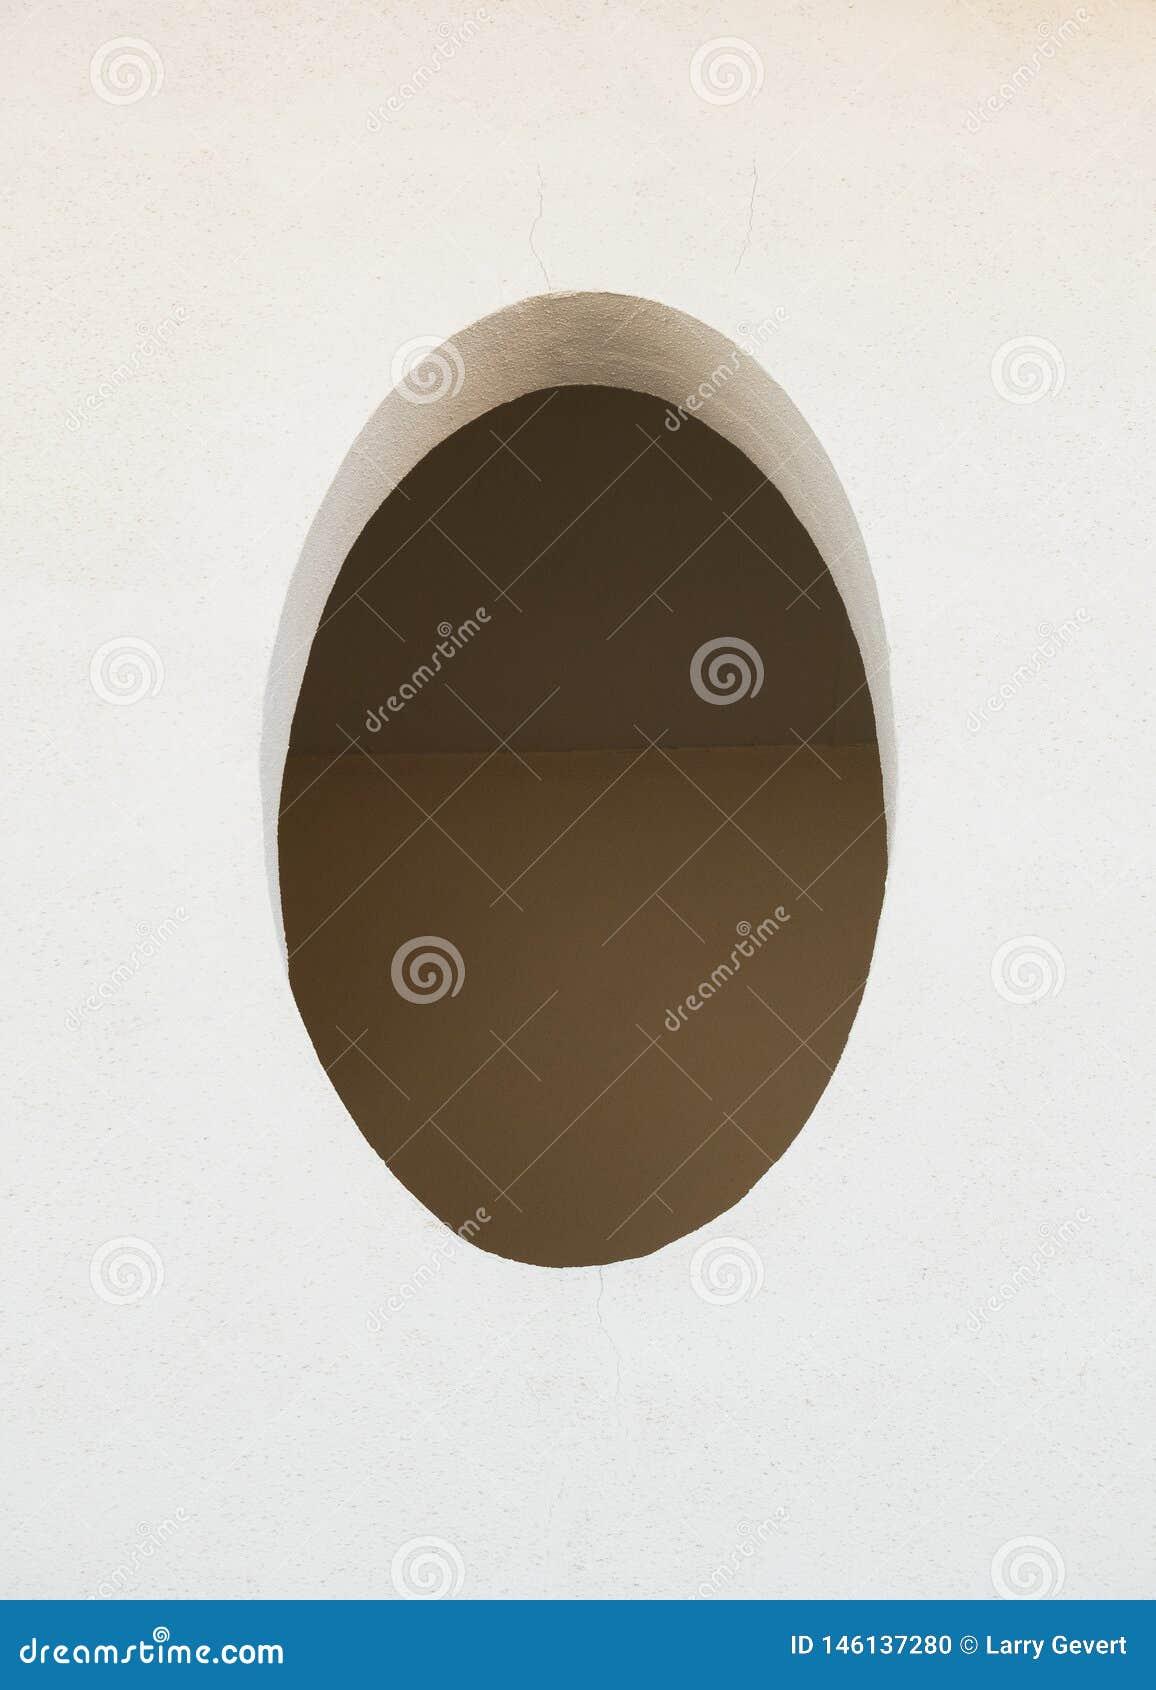 Architettura sudoccidentale, un ovale semplice